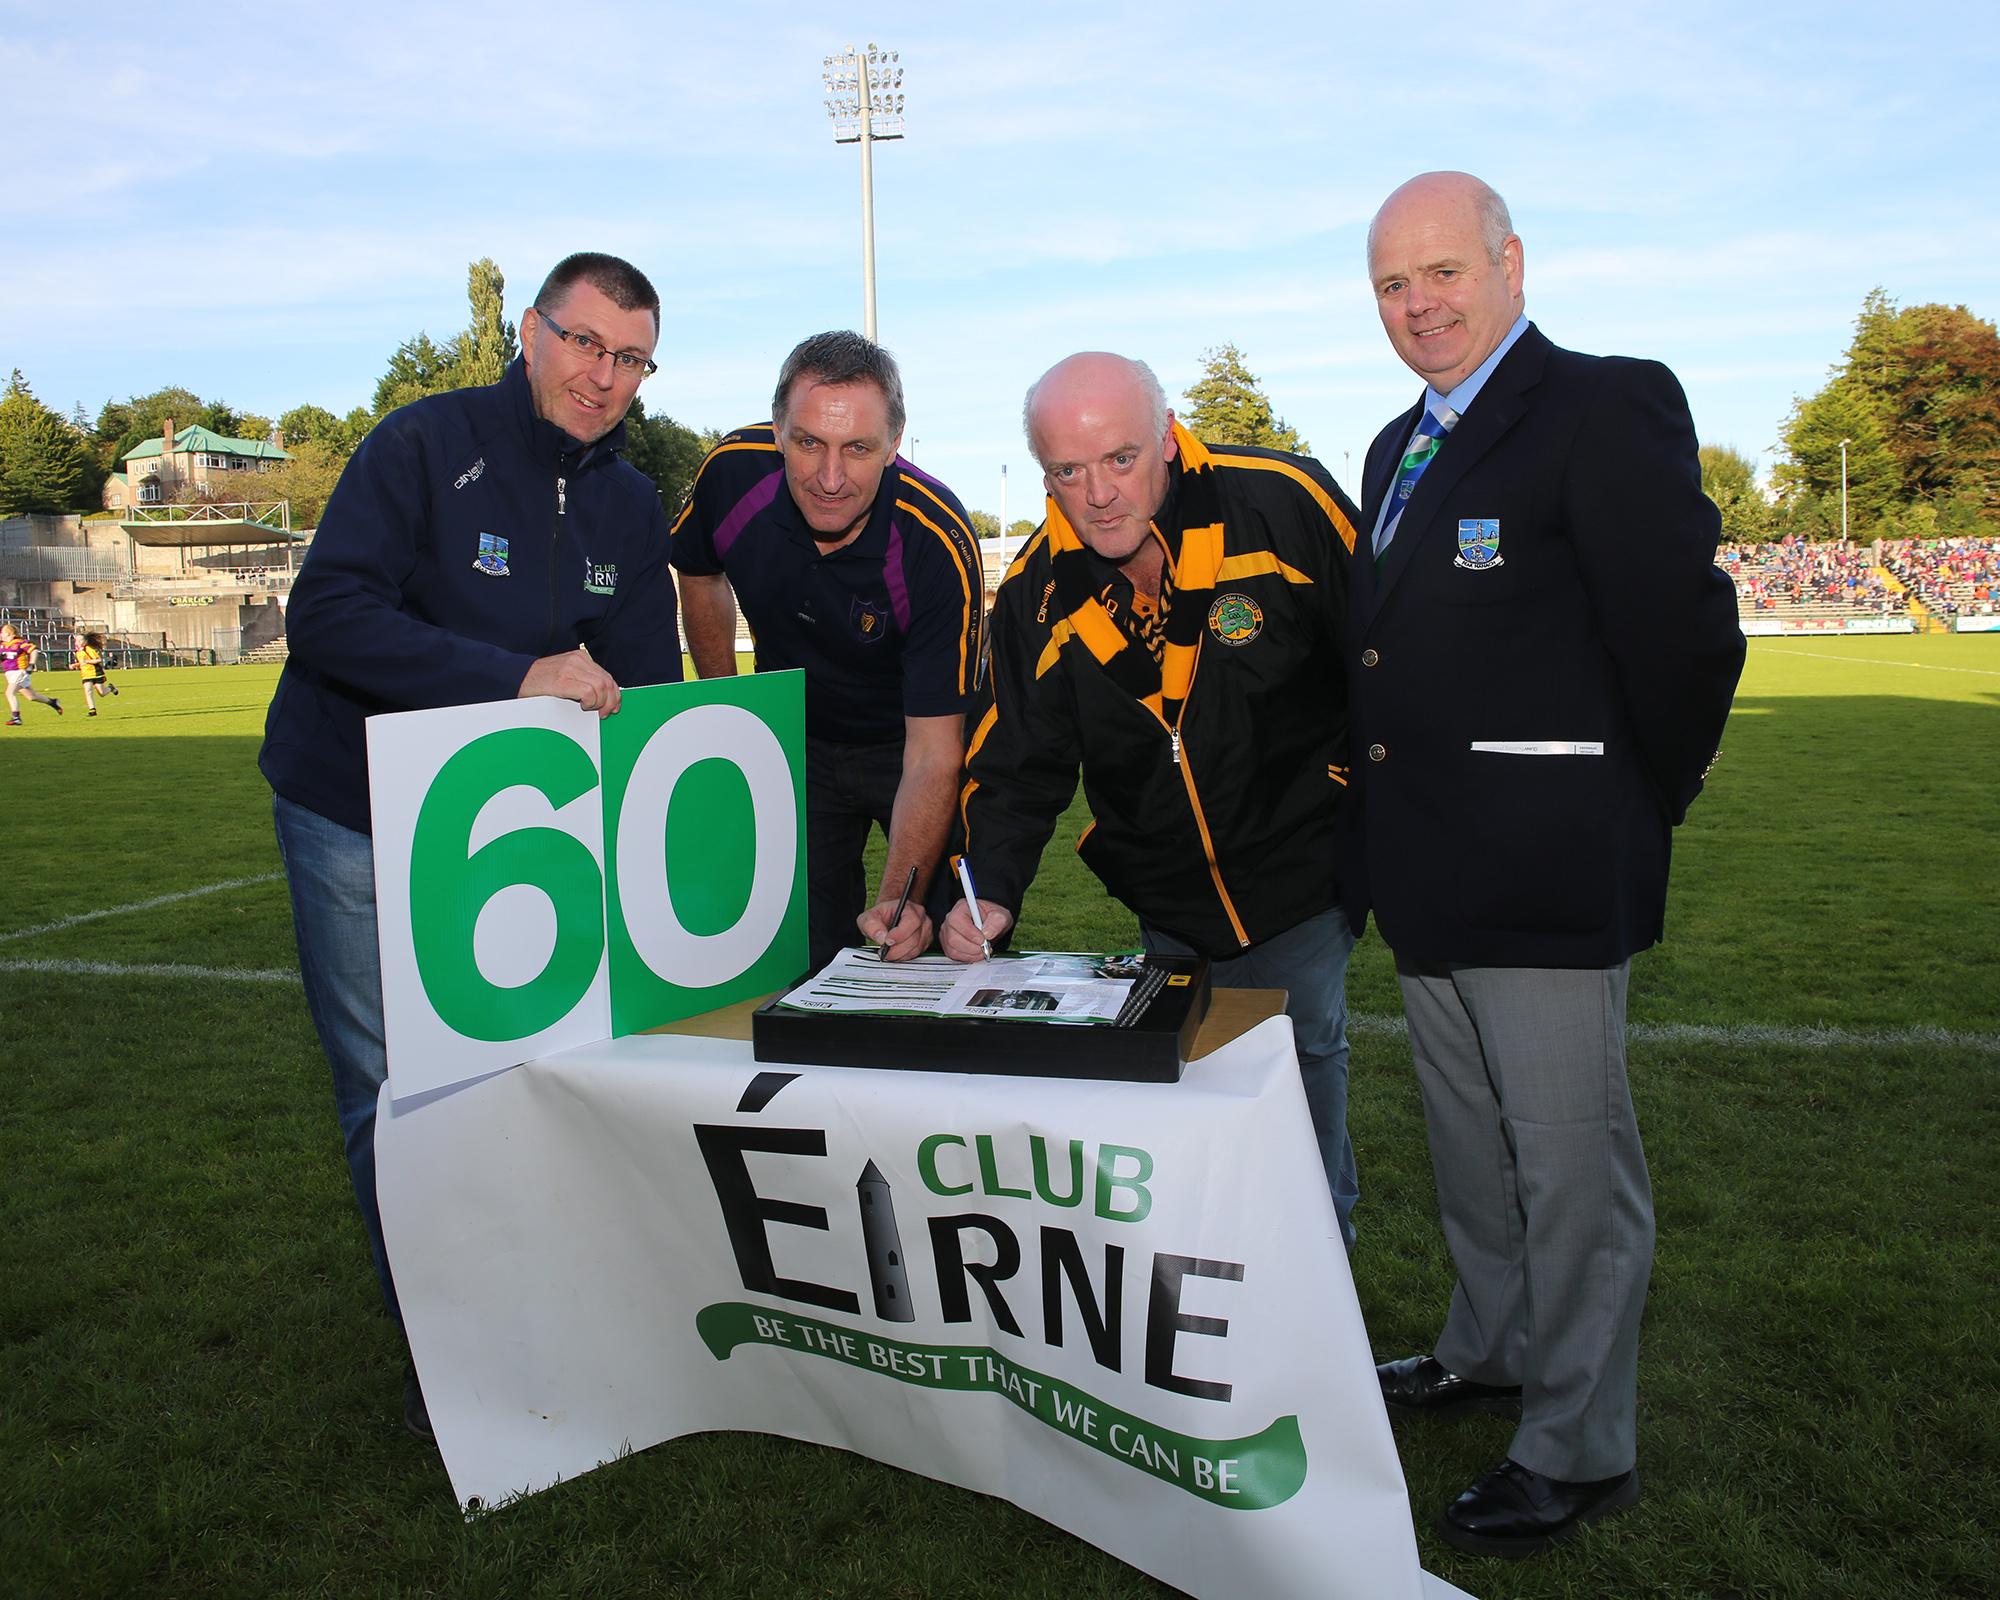 Club Eirne are 'Seeking Sixty'